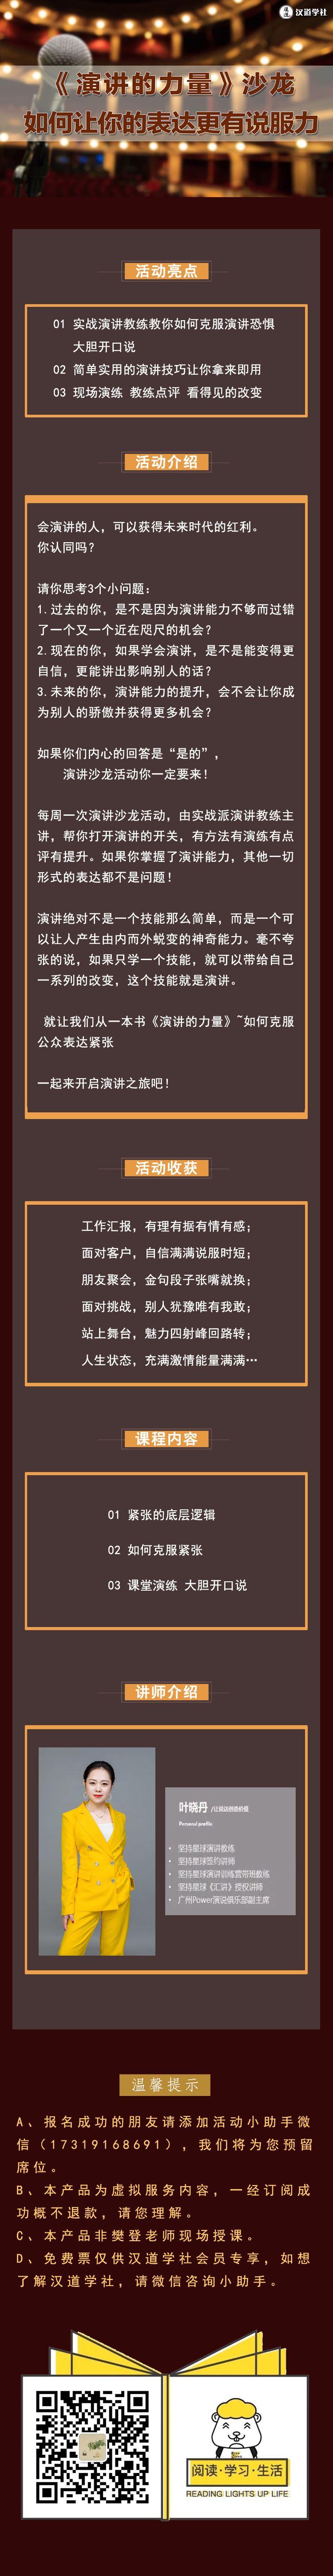 长图-汉道-演讲的力量-如何让你的表达更有说服力.jpg